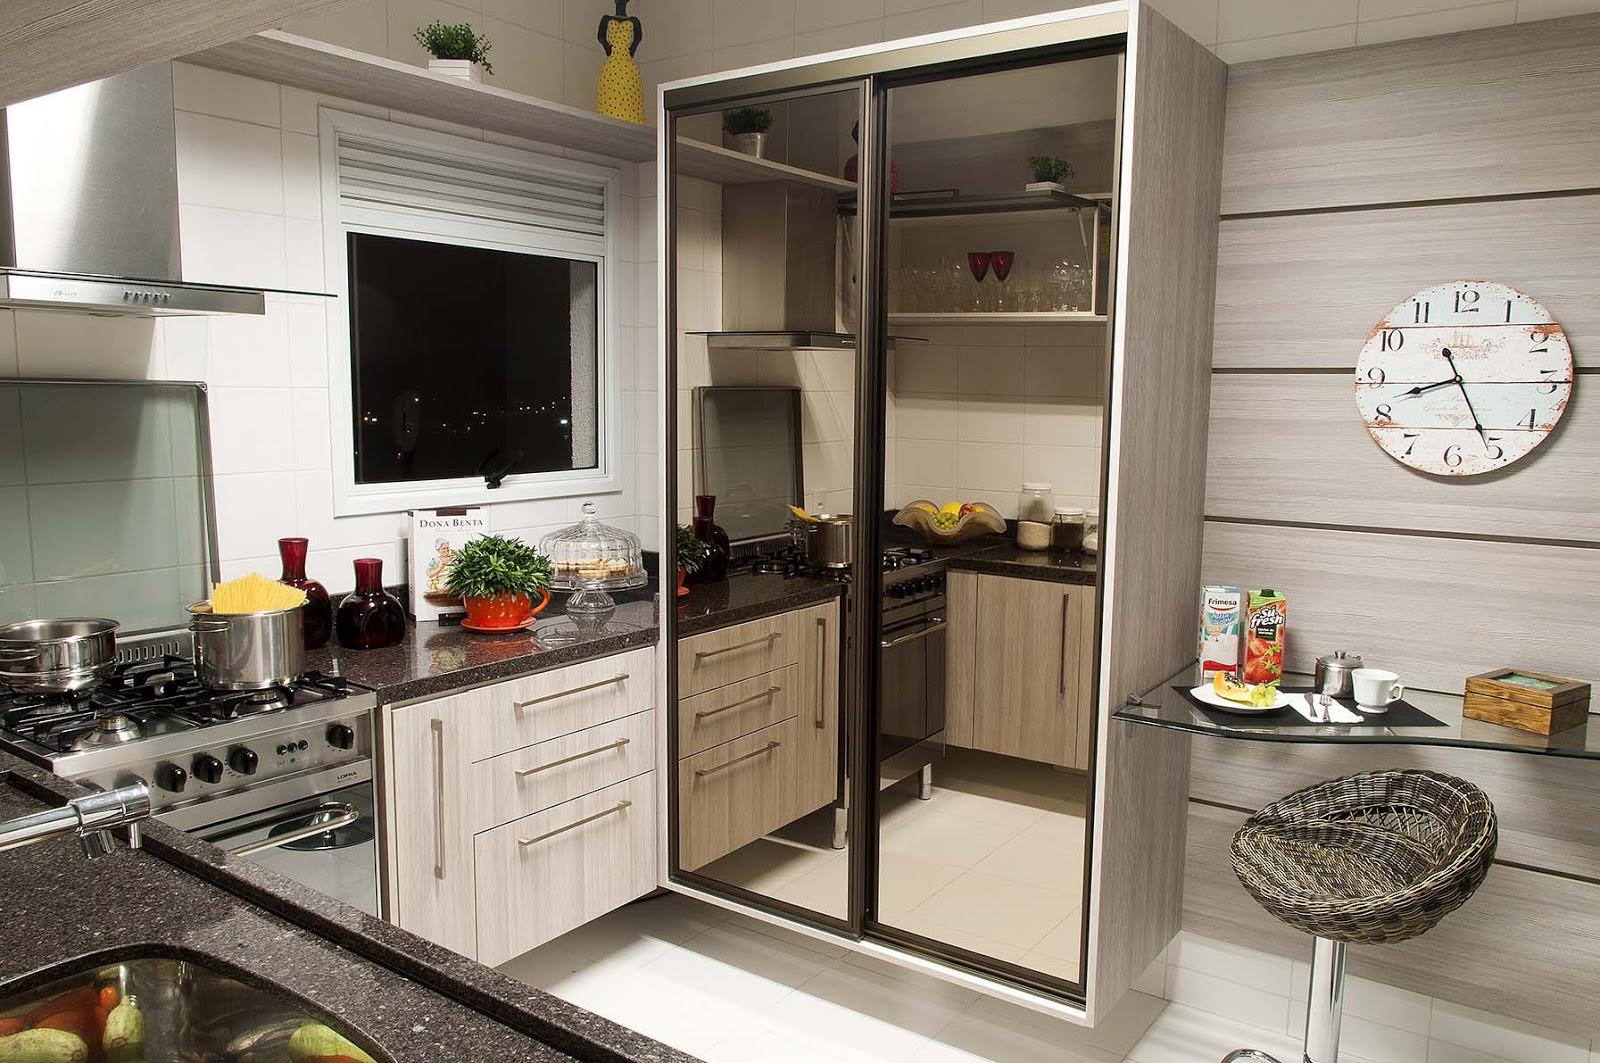 Espaço MoMe: Móveis planejados otimizam espaços em apartamentos #976834 1600 1063